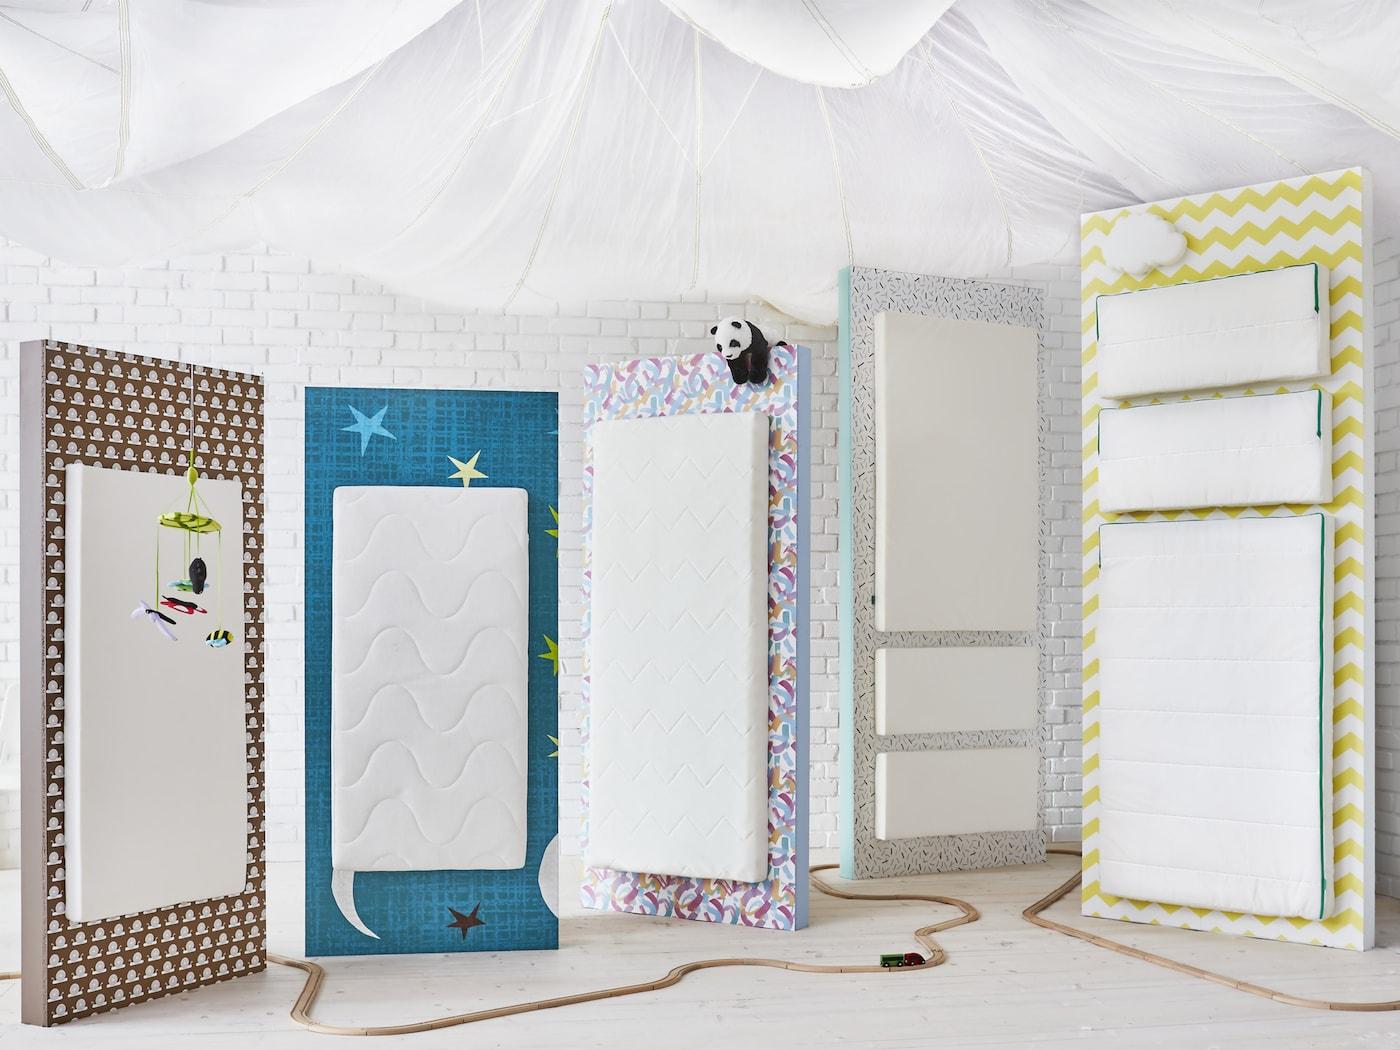 Full Size of Palettenbett Ikea Babymatratzen Kindermatratzen Deutschland Miniküche Küche Kaufen Betten Bei Kosten 160x200 Sofa Mit Schlaffunktion Modulküche Wohnzimmer Palettenbett Ikea